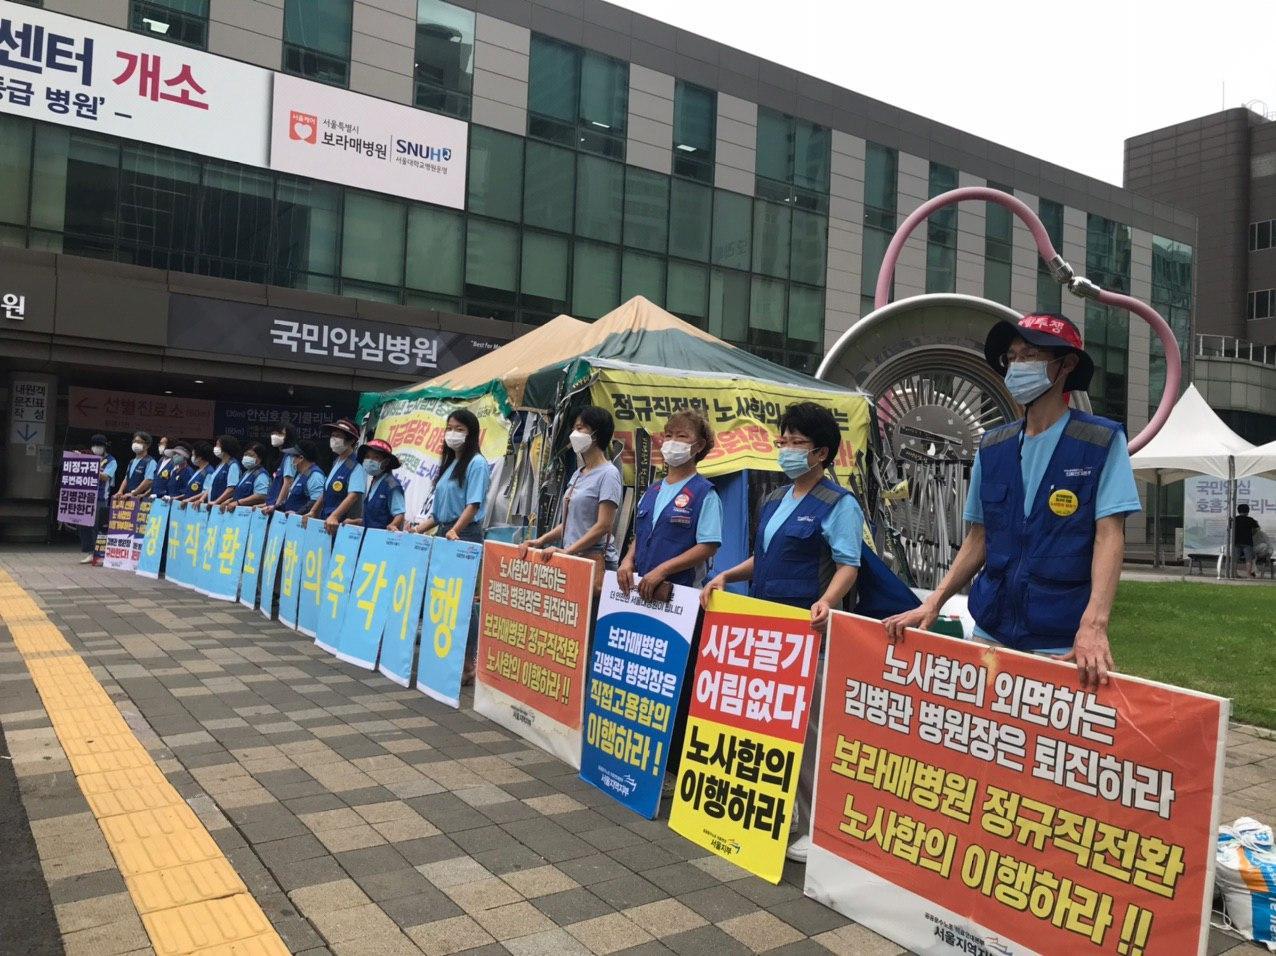 4 오늘 우리의 투쟁-1 보라매병원 비정규직투쟁01.jpg